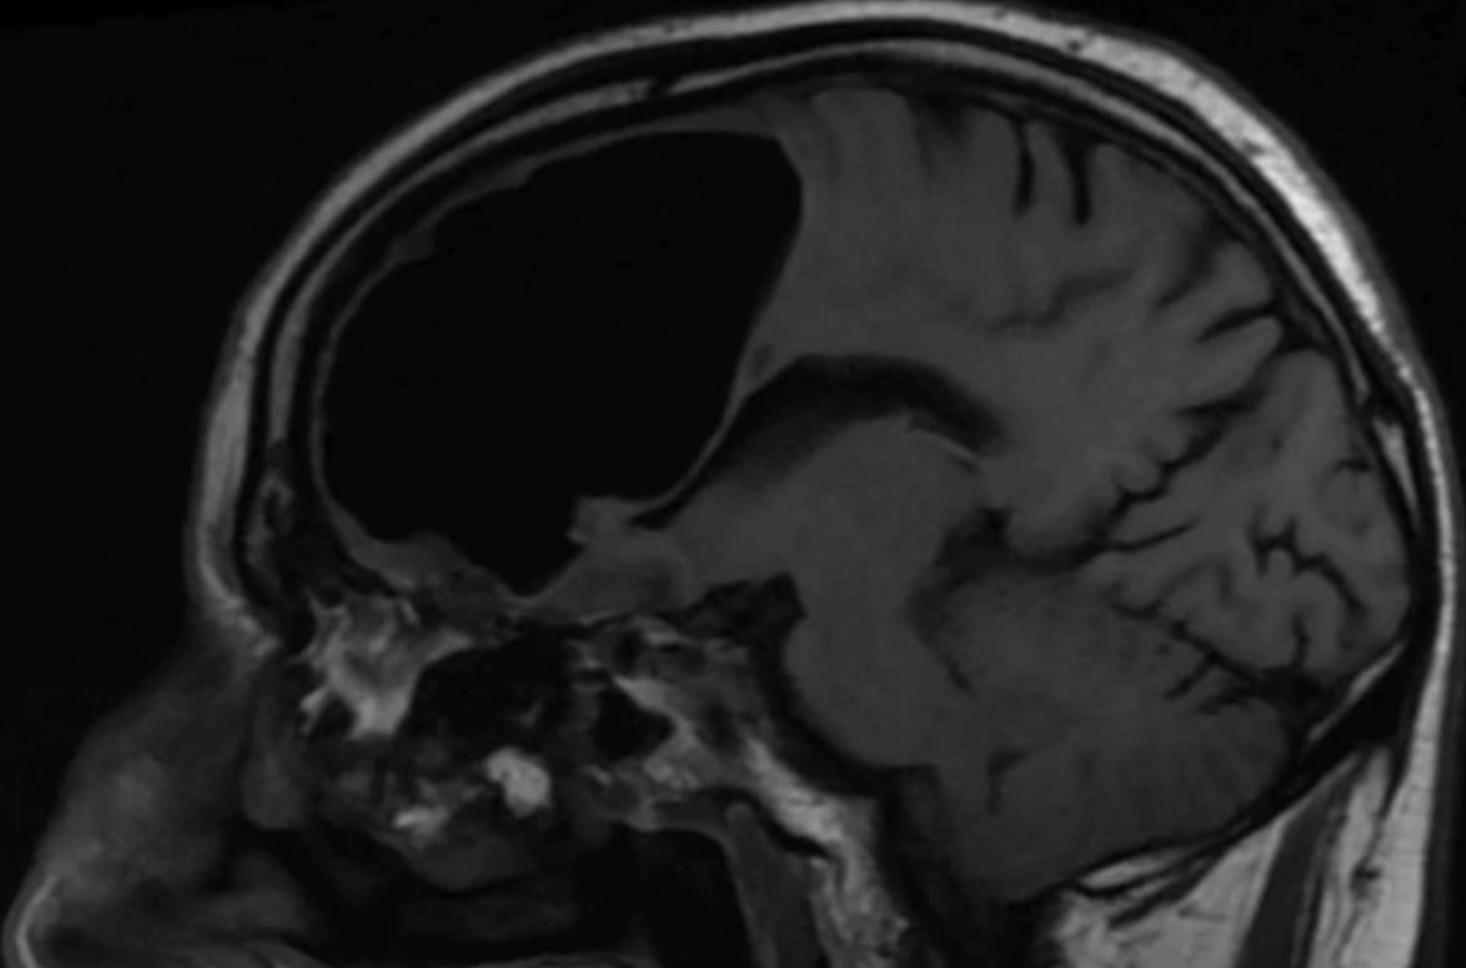 Hallaron hueco de aire donde debía estar el cerebro de un hombre